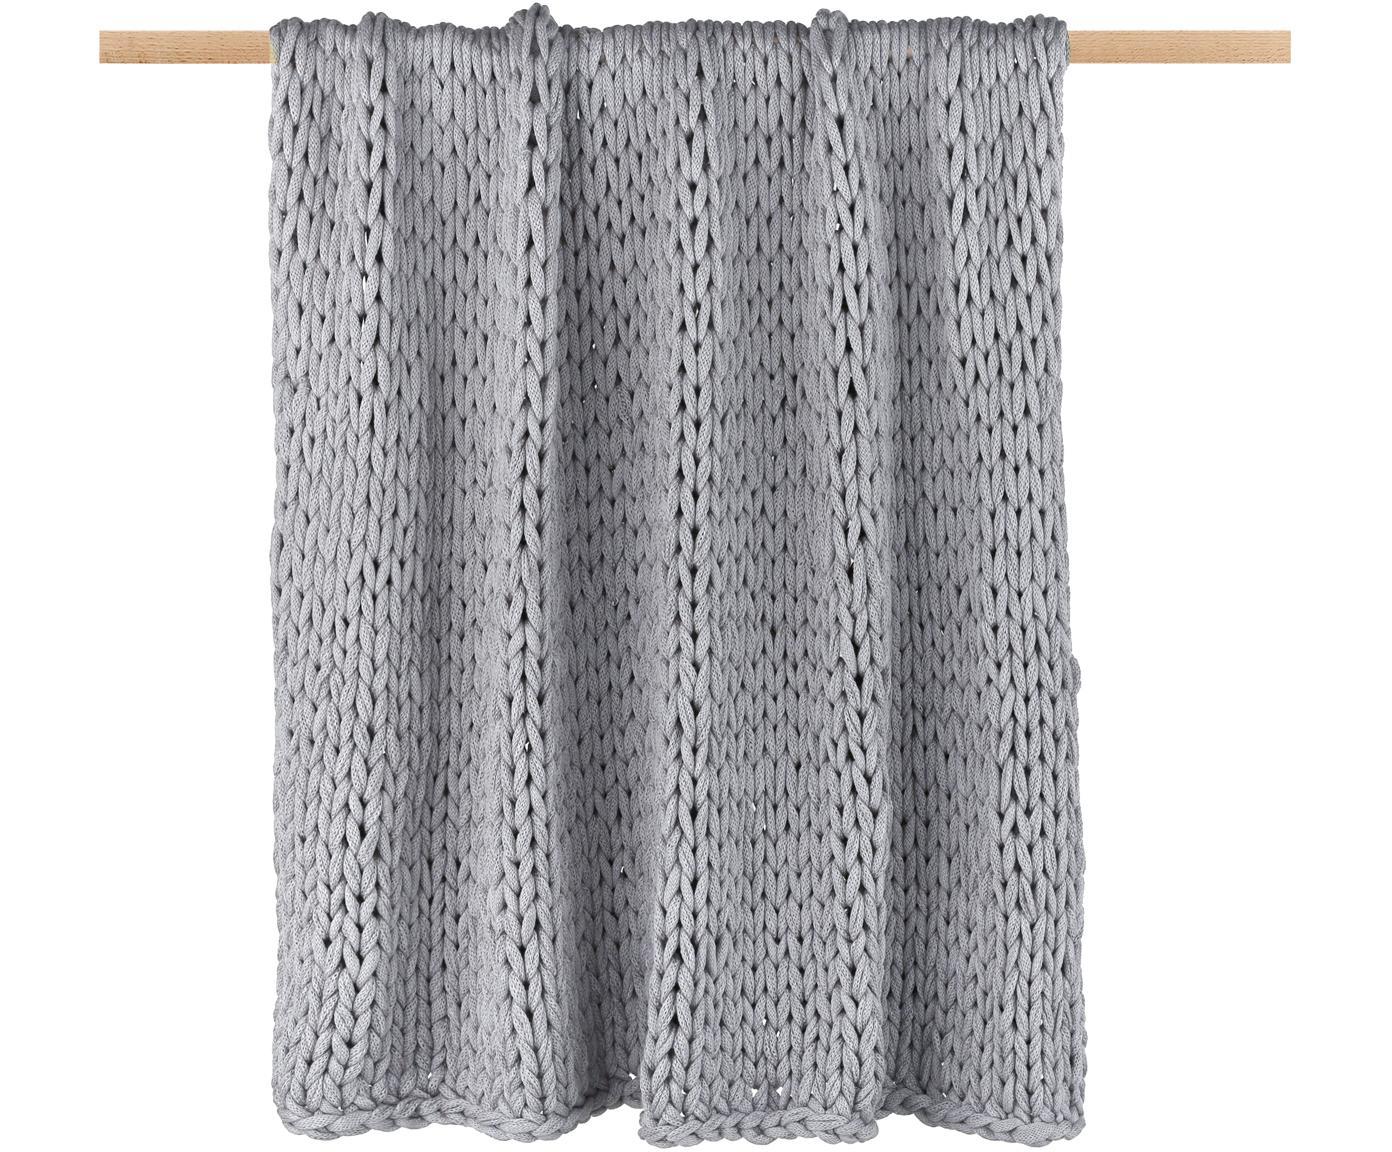 Plaid a maglia Adyna, 100% acrilico, Grigio chiaro, 150 x 200 cm